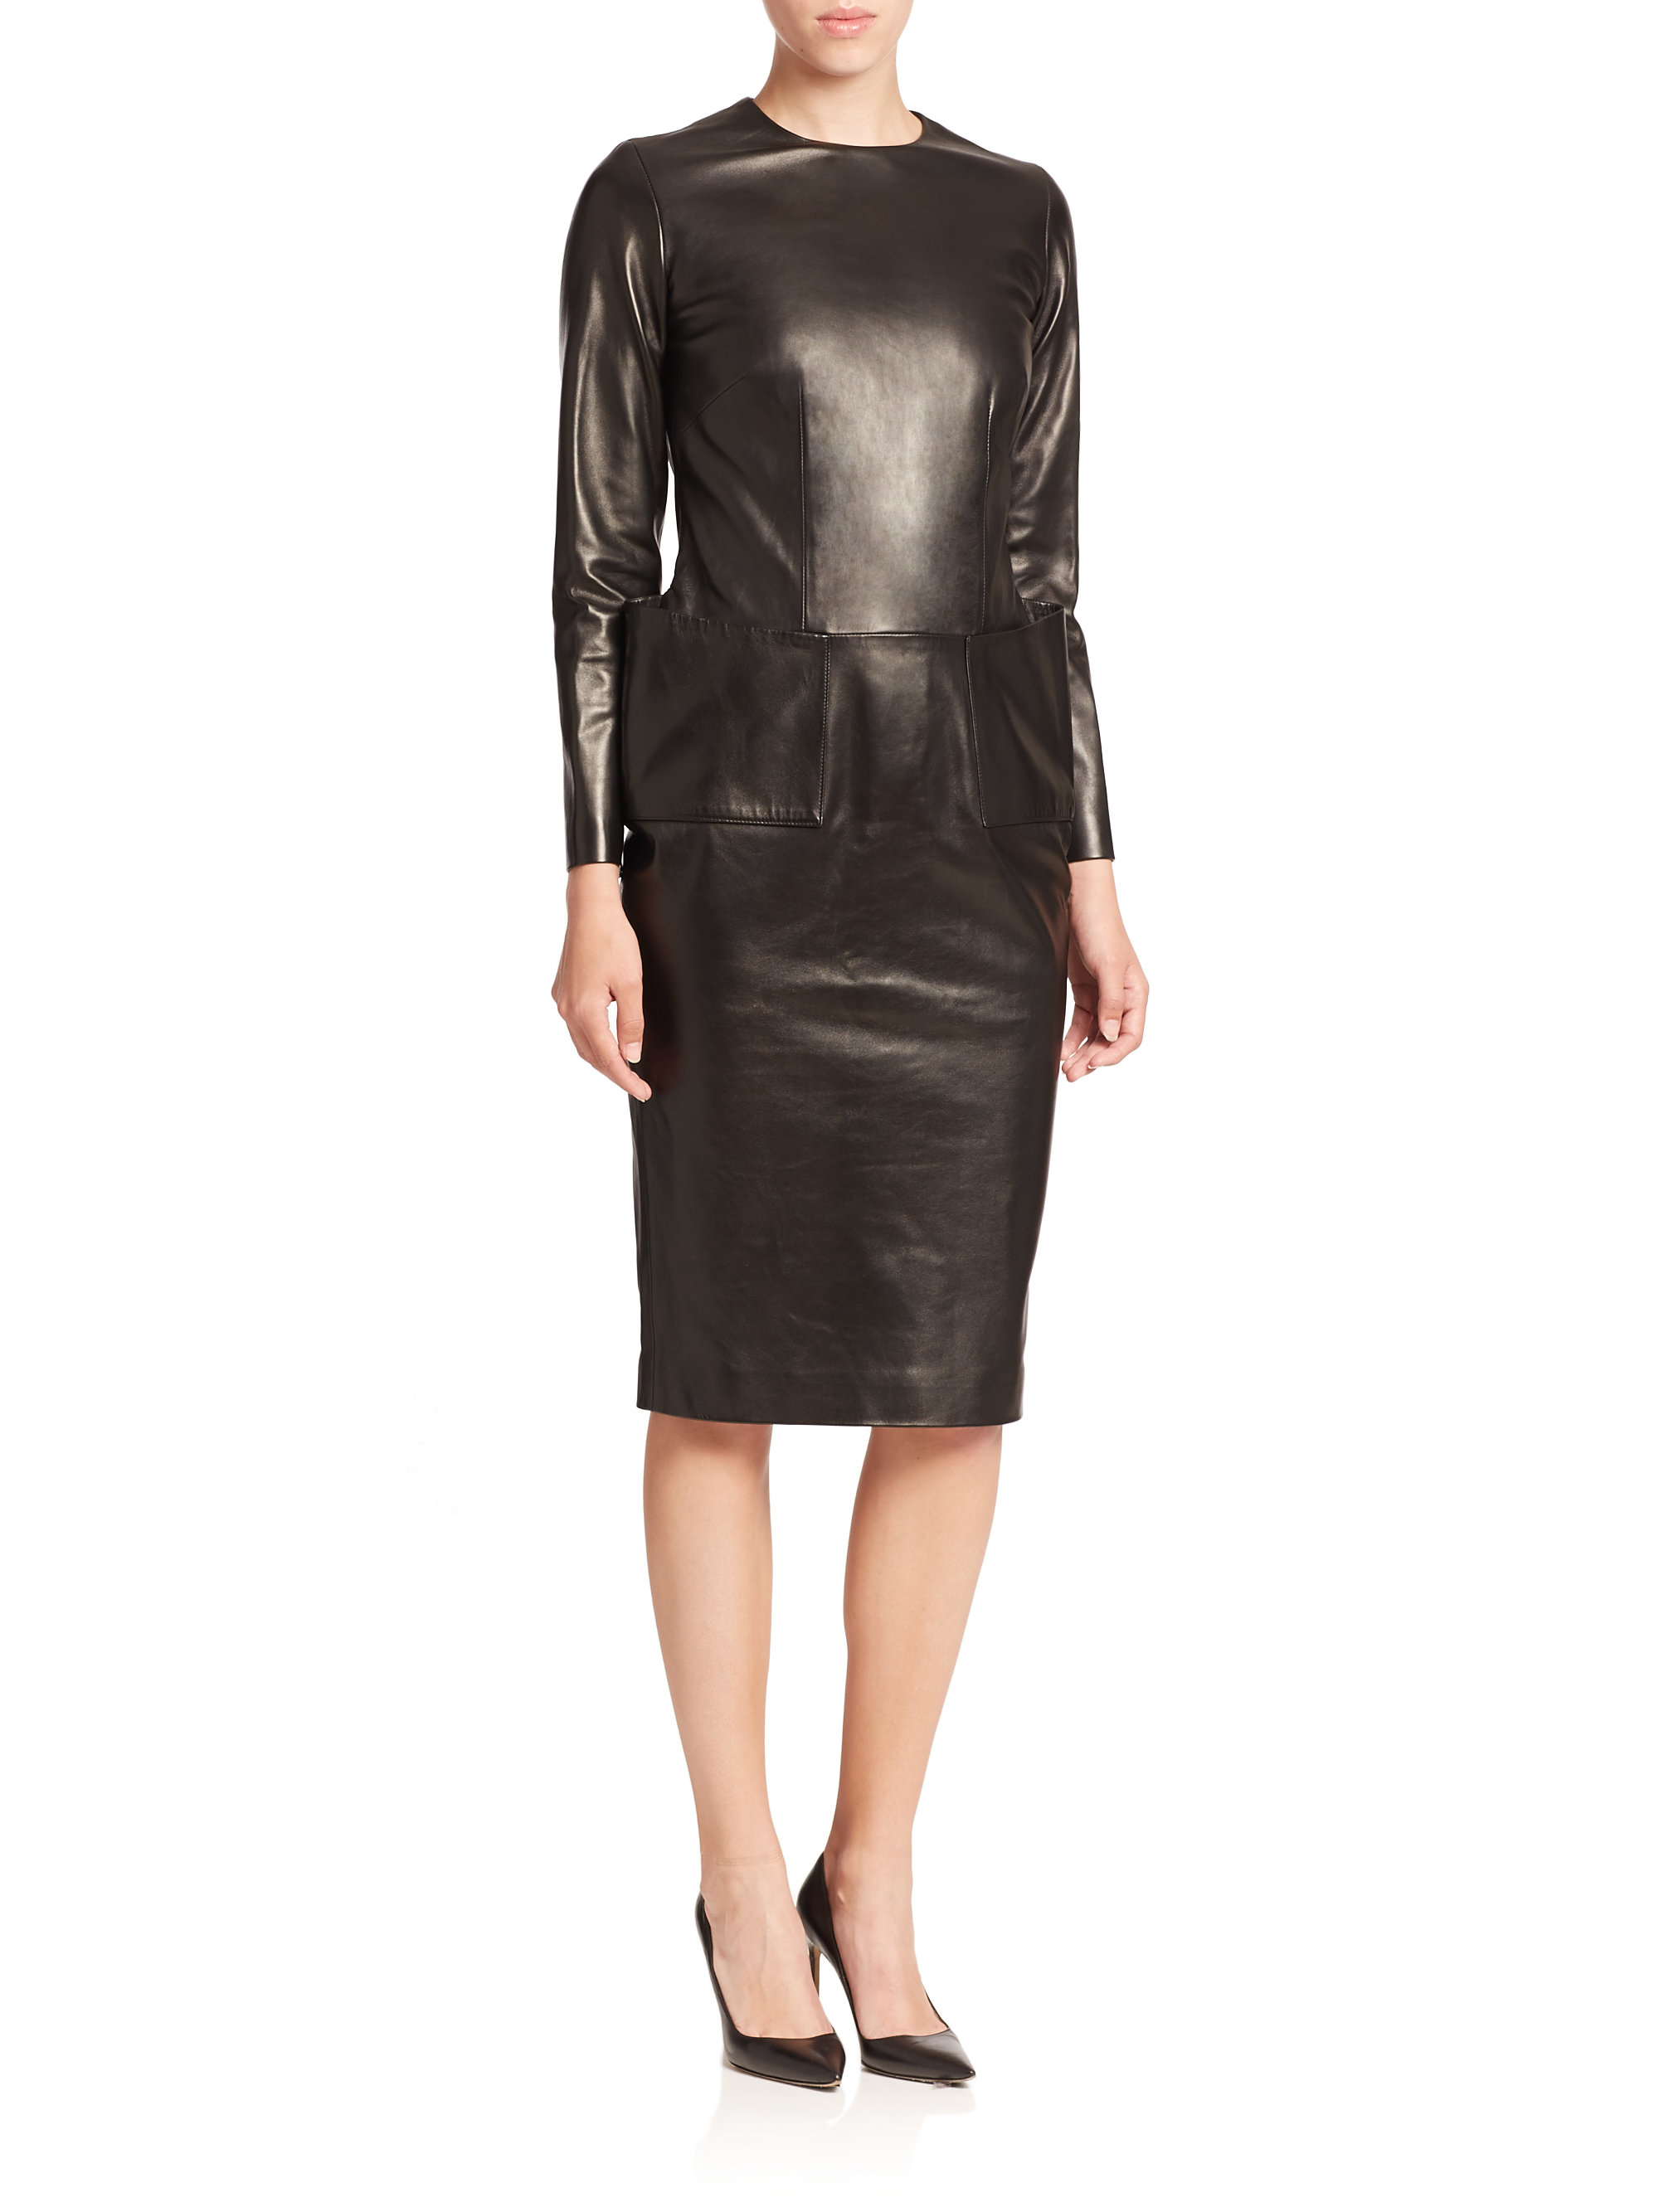 La prestic ouiston Parfaite Long-sleeve Leather Dress in Black | Lyst